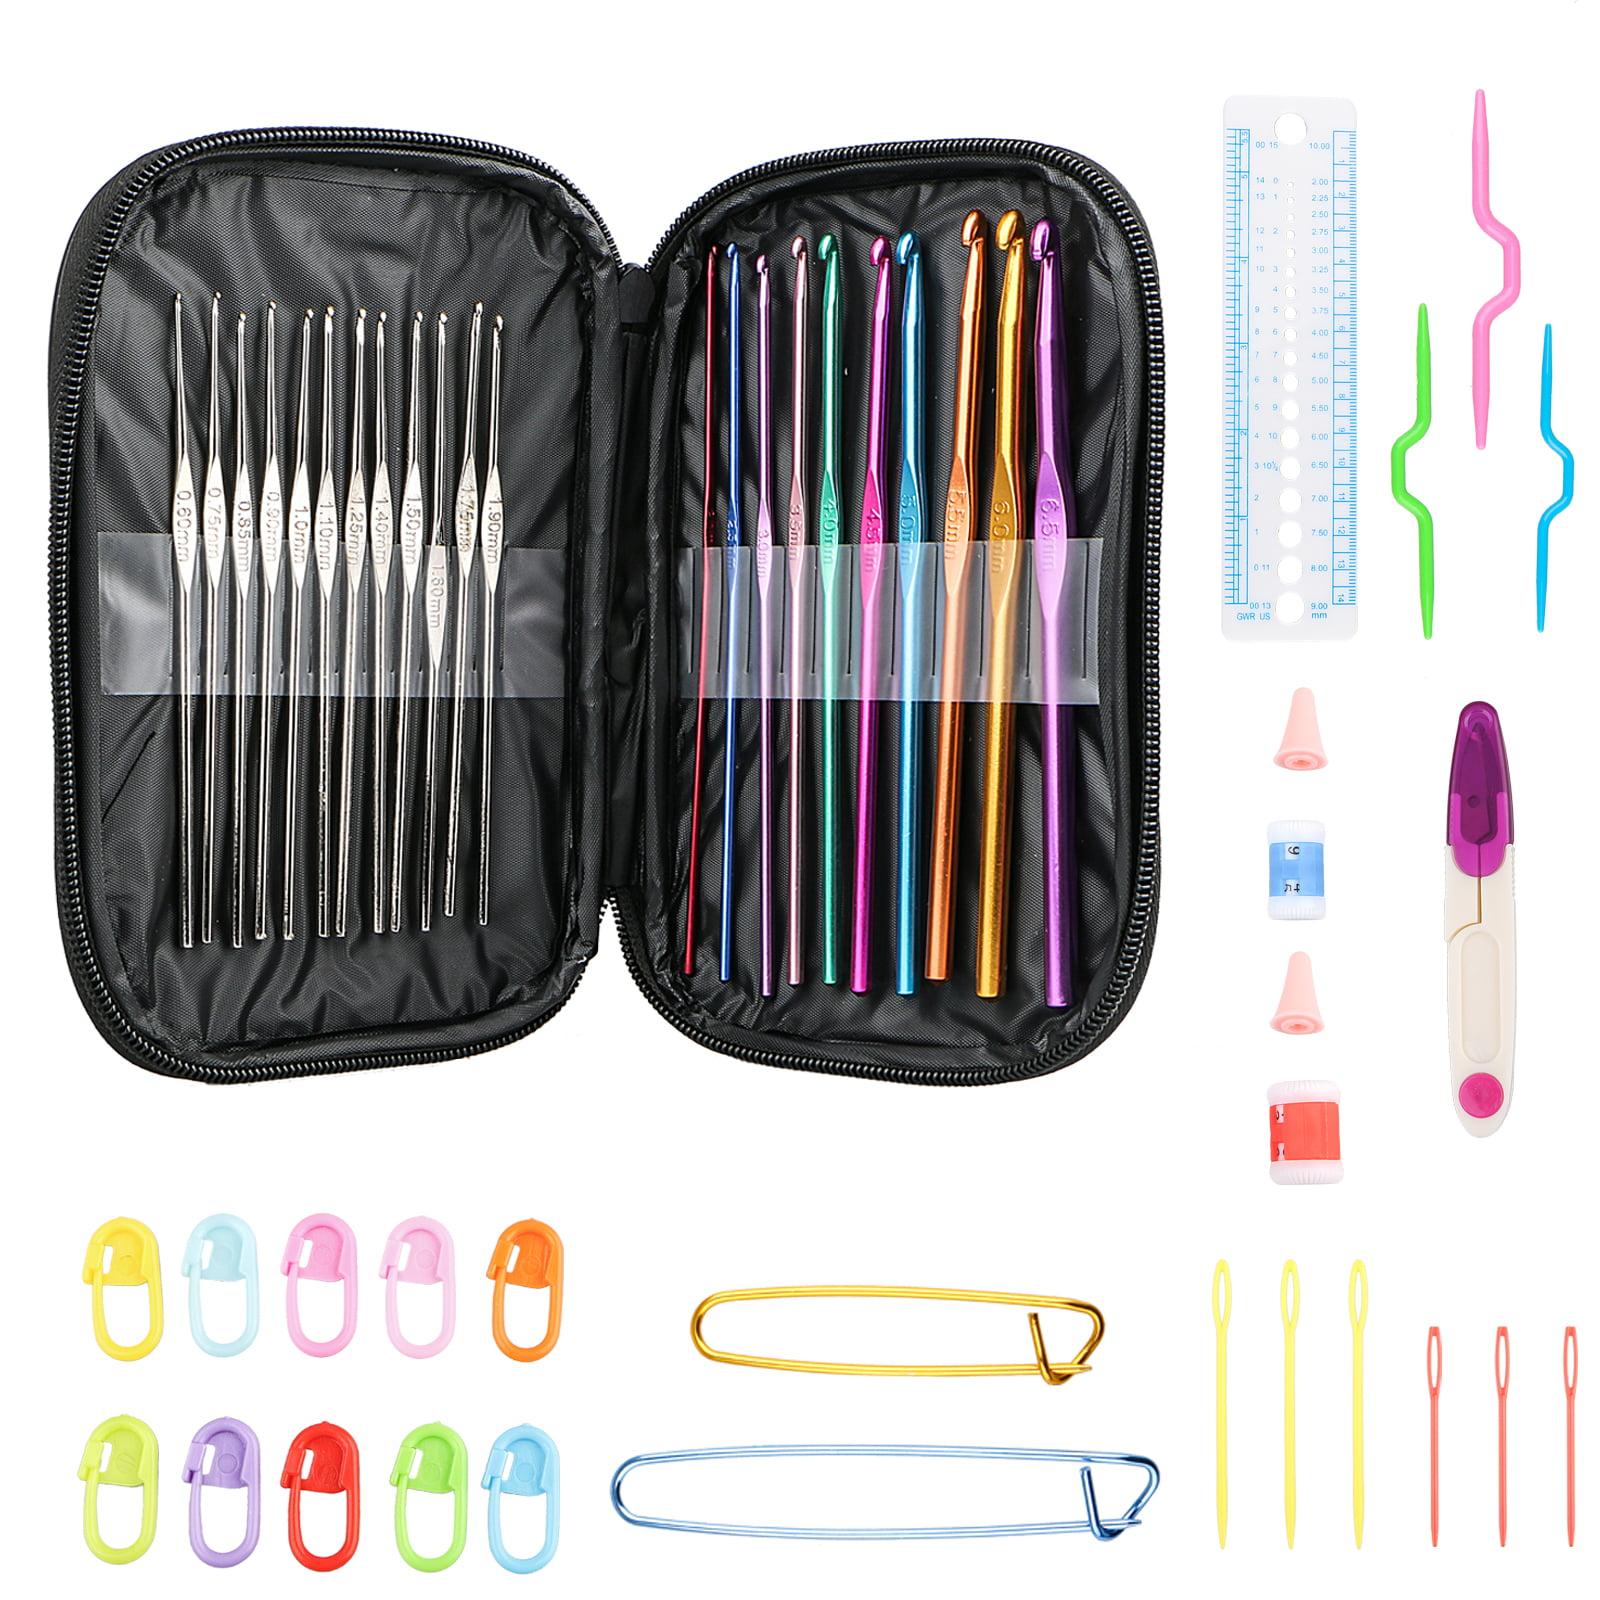 TSV 49PCS Crochet Hook Knit Yarn Weave Knitting Needle Clip Marker Tool Set W/Case